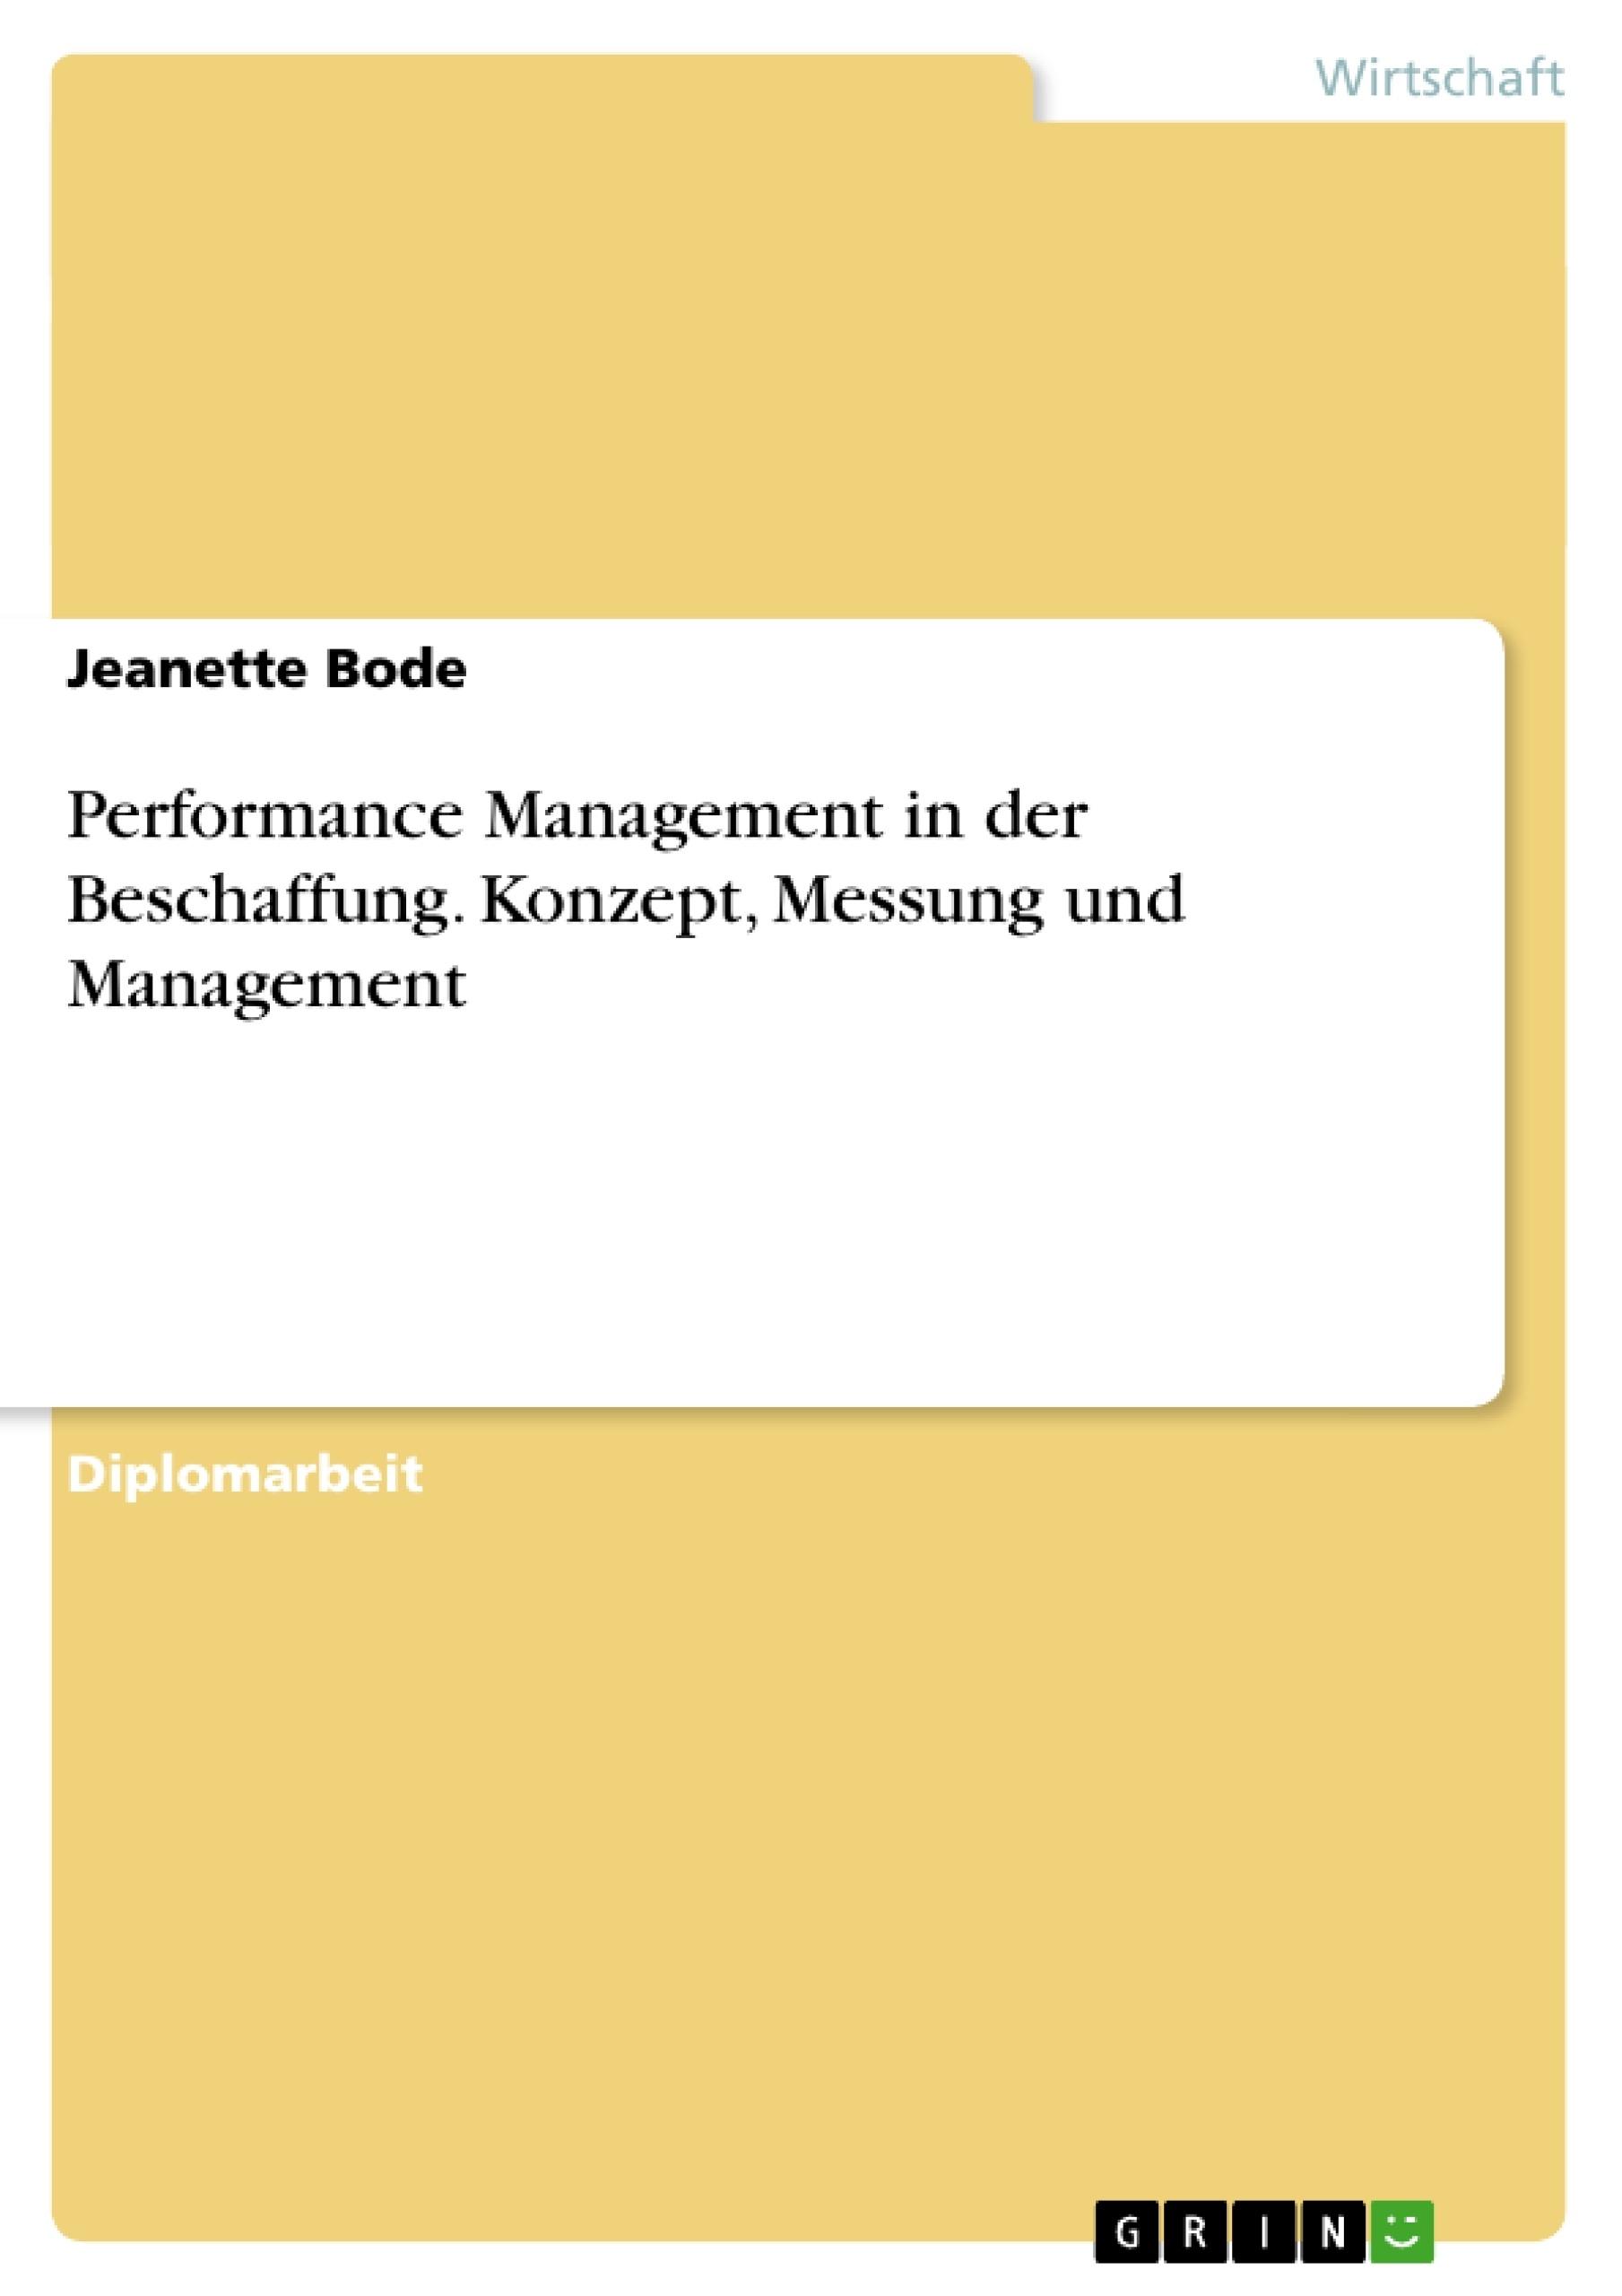 Titel: Performance Management in der Beschaffung. Konzept, Messung und Management